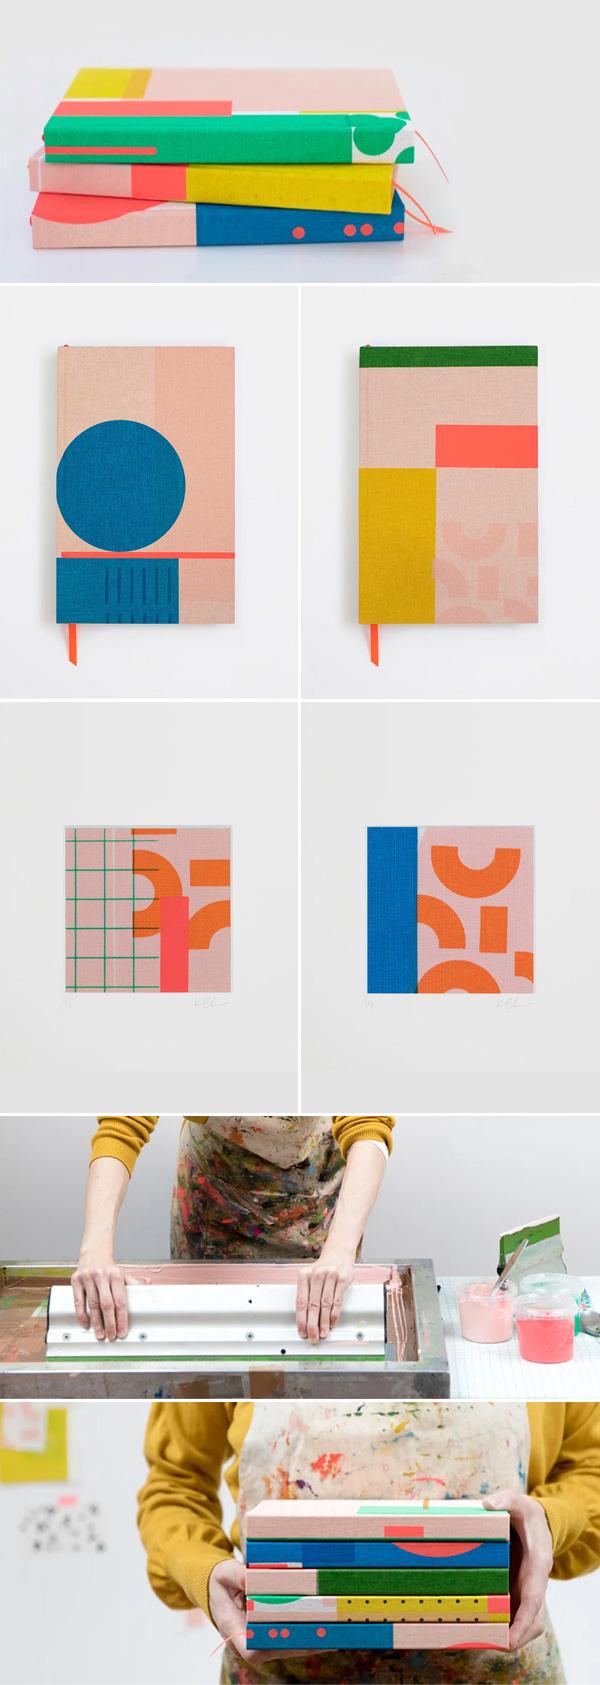 Kate Clarke Studio | Encadernação / cadernos feitos à mão, encadernados com tecido